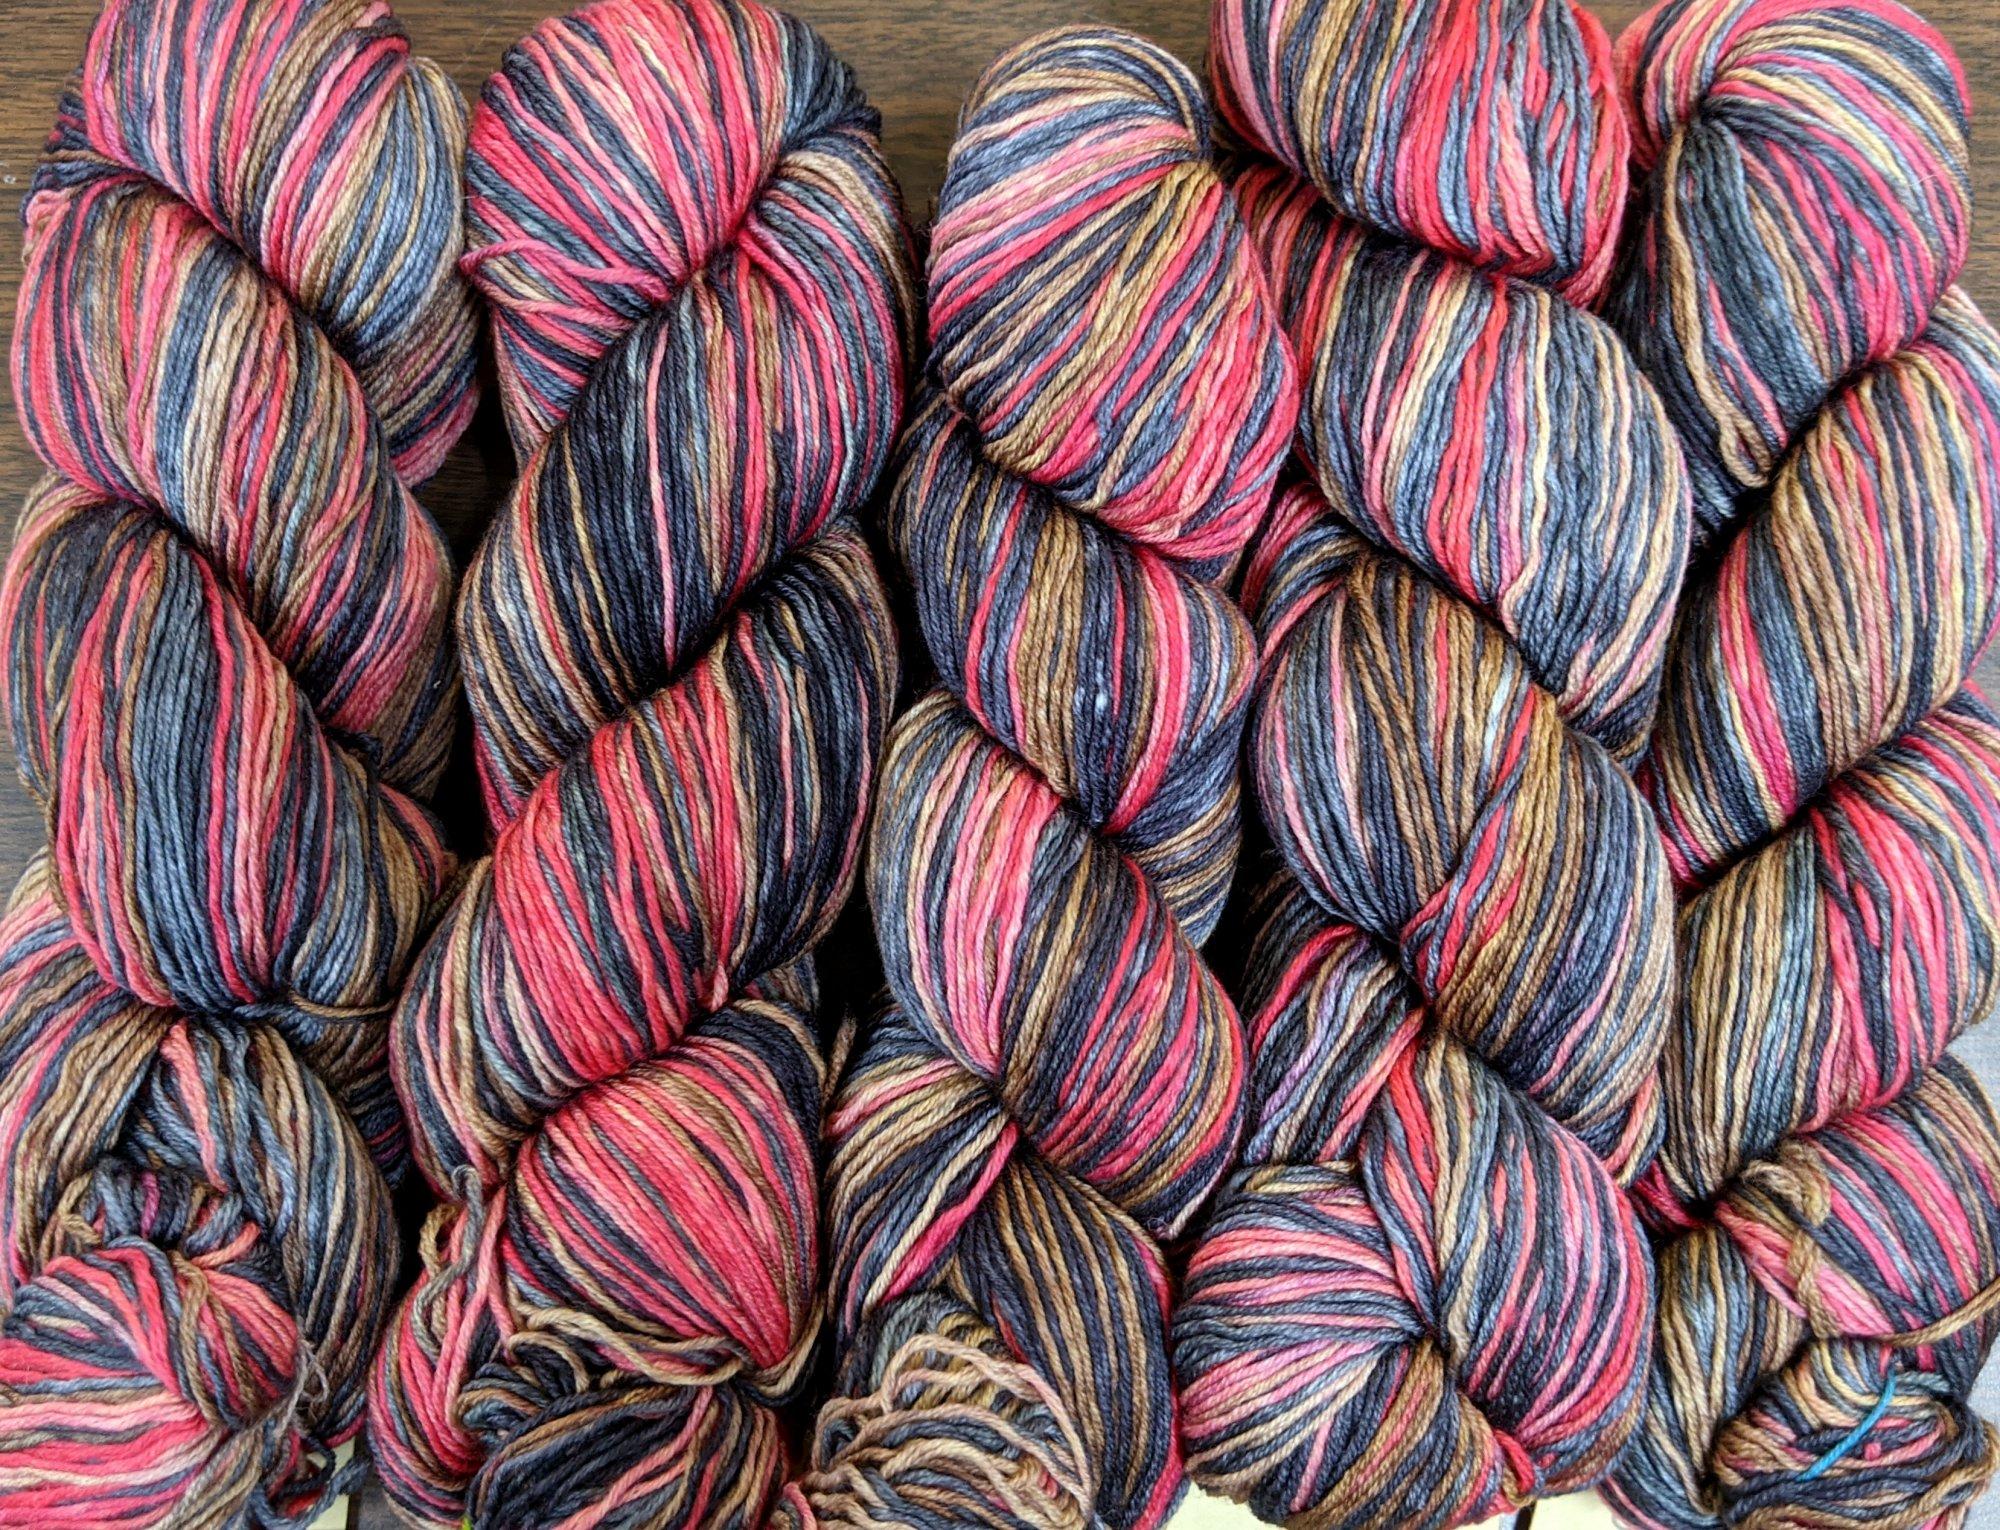 Urth Yarns Uneek Fingering Yarn - #3021